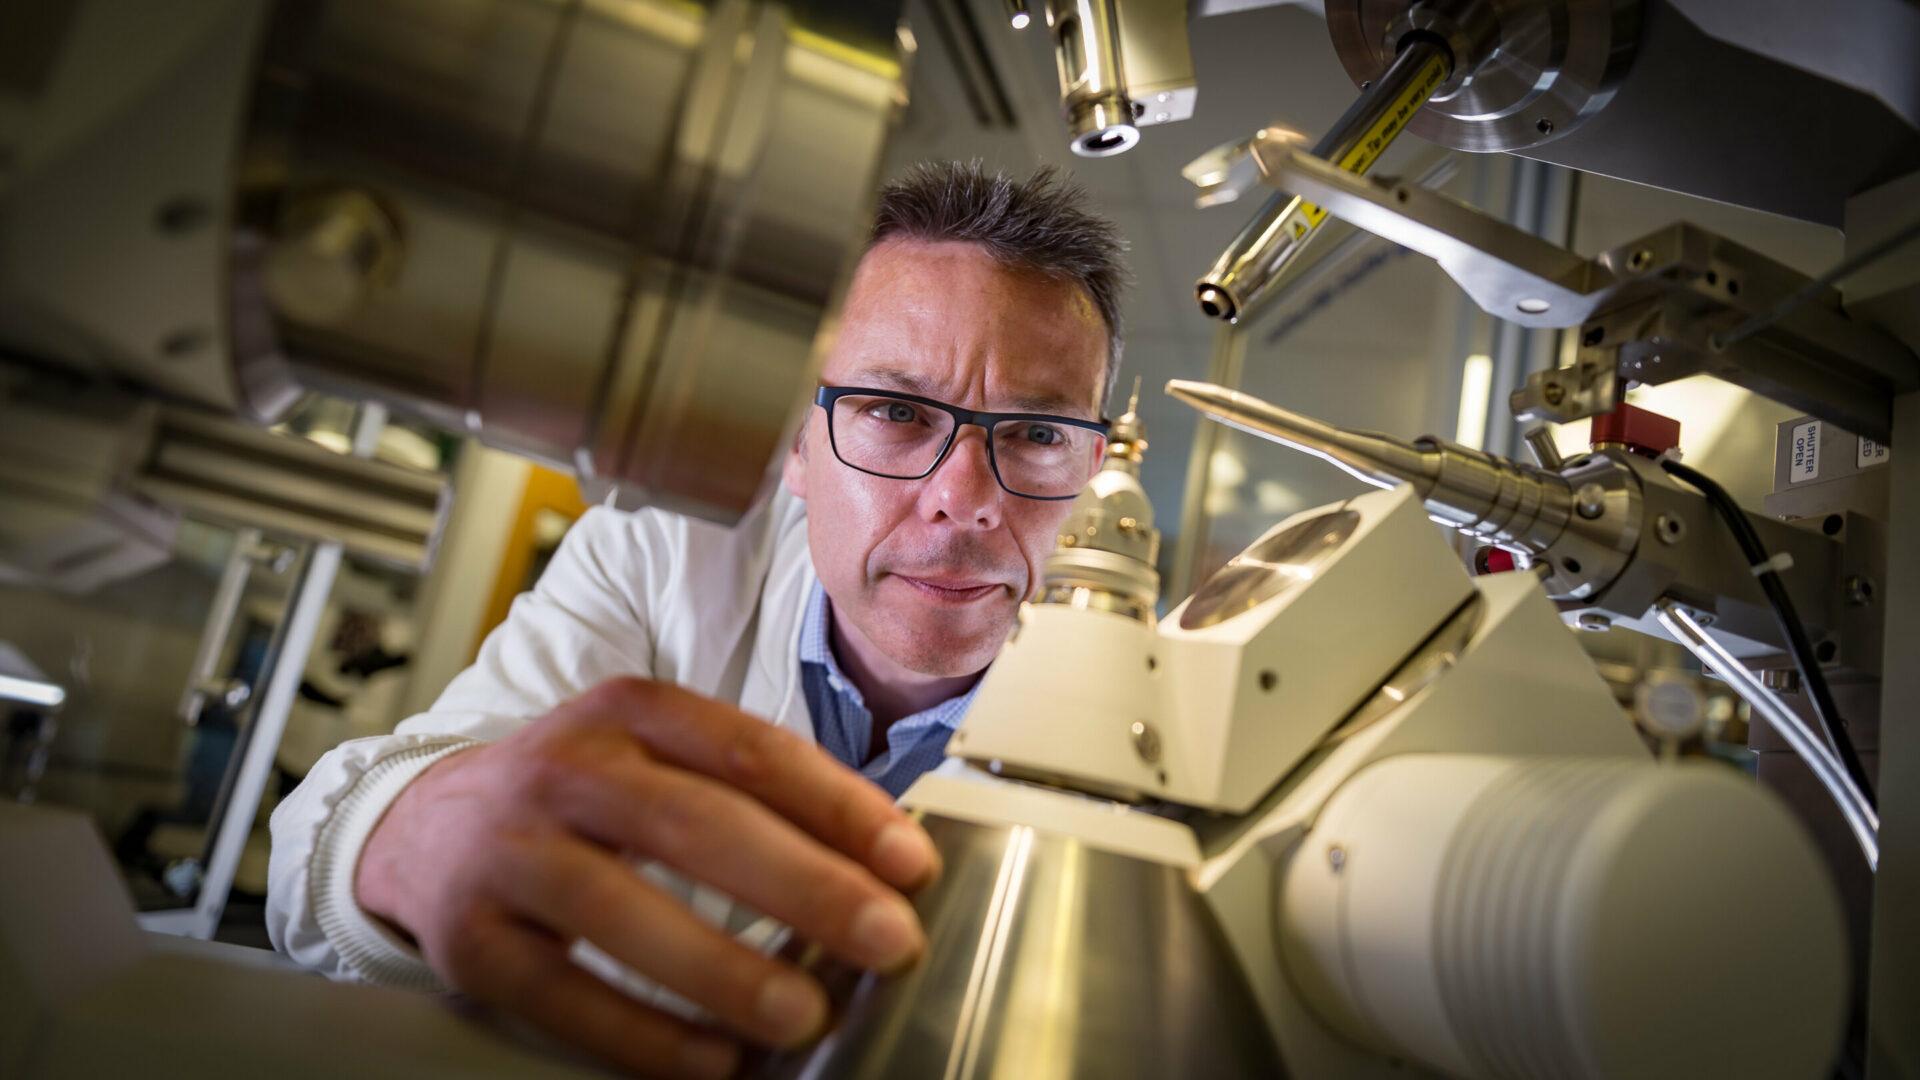 В лаборатории Лоуренса Беркли разработал самый тонкий магнит в мире